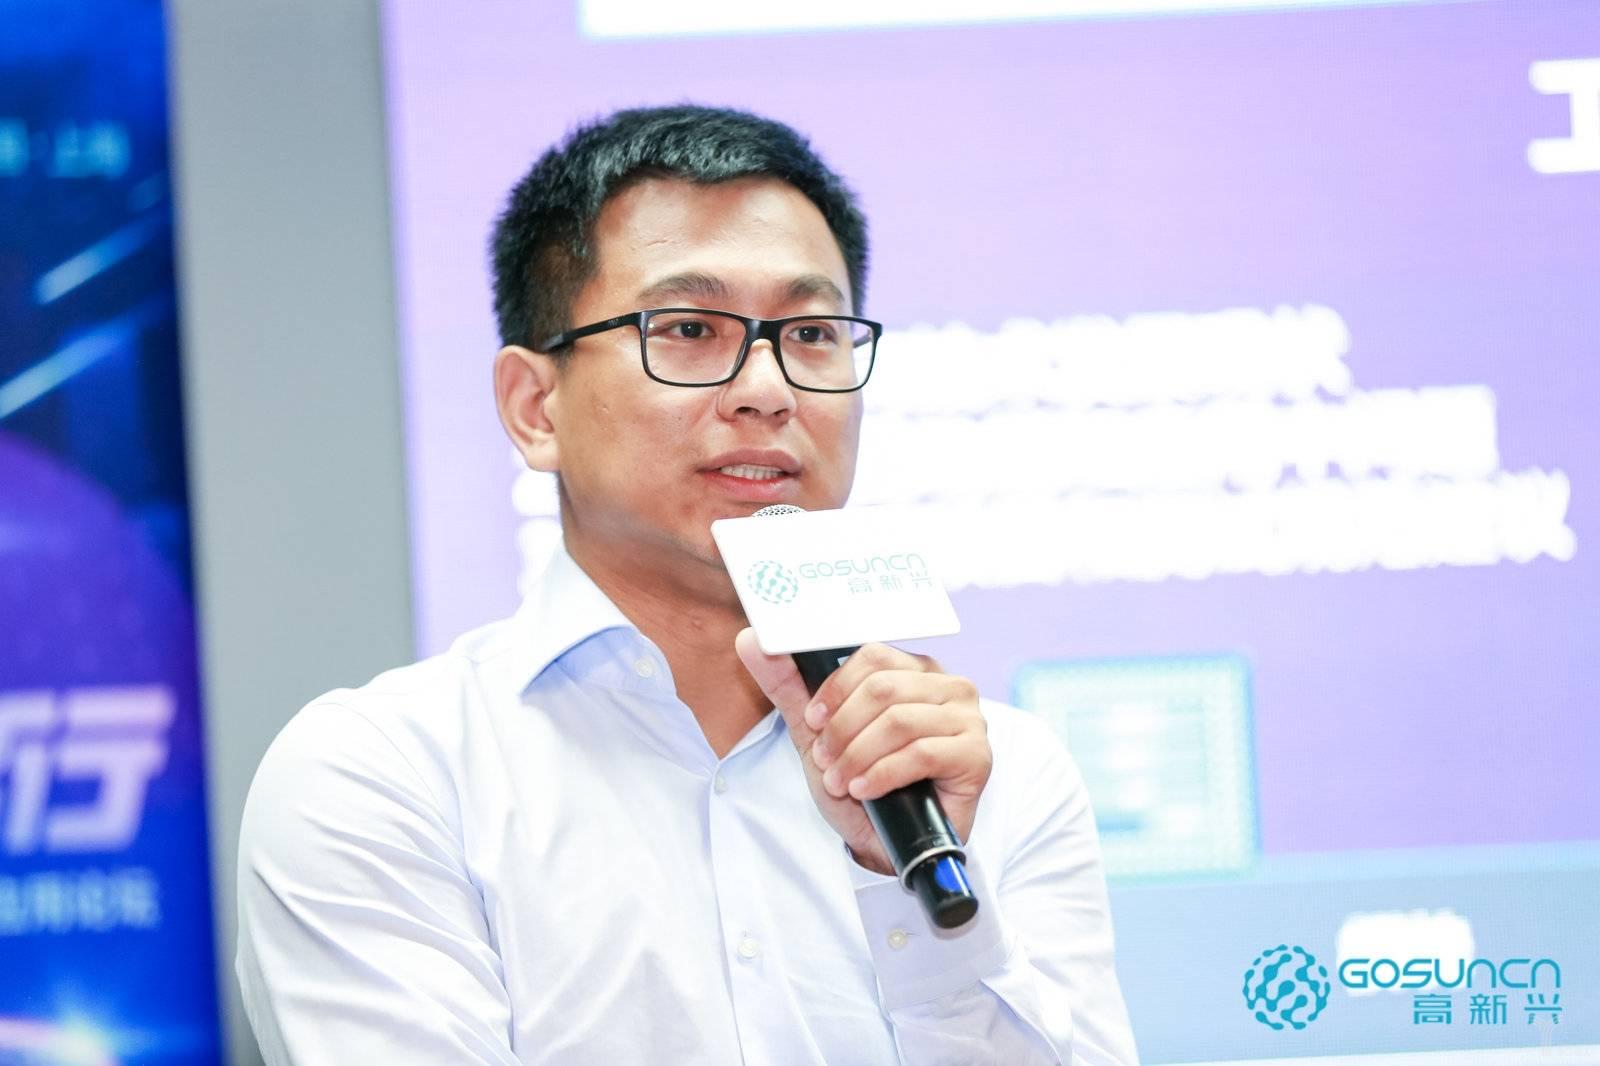 中国信息通信研究院主任工程师葛雨明